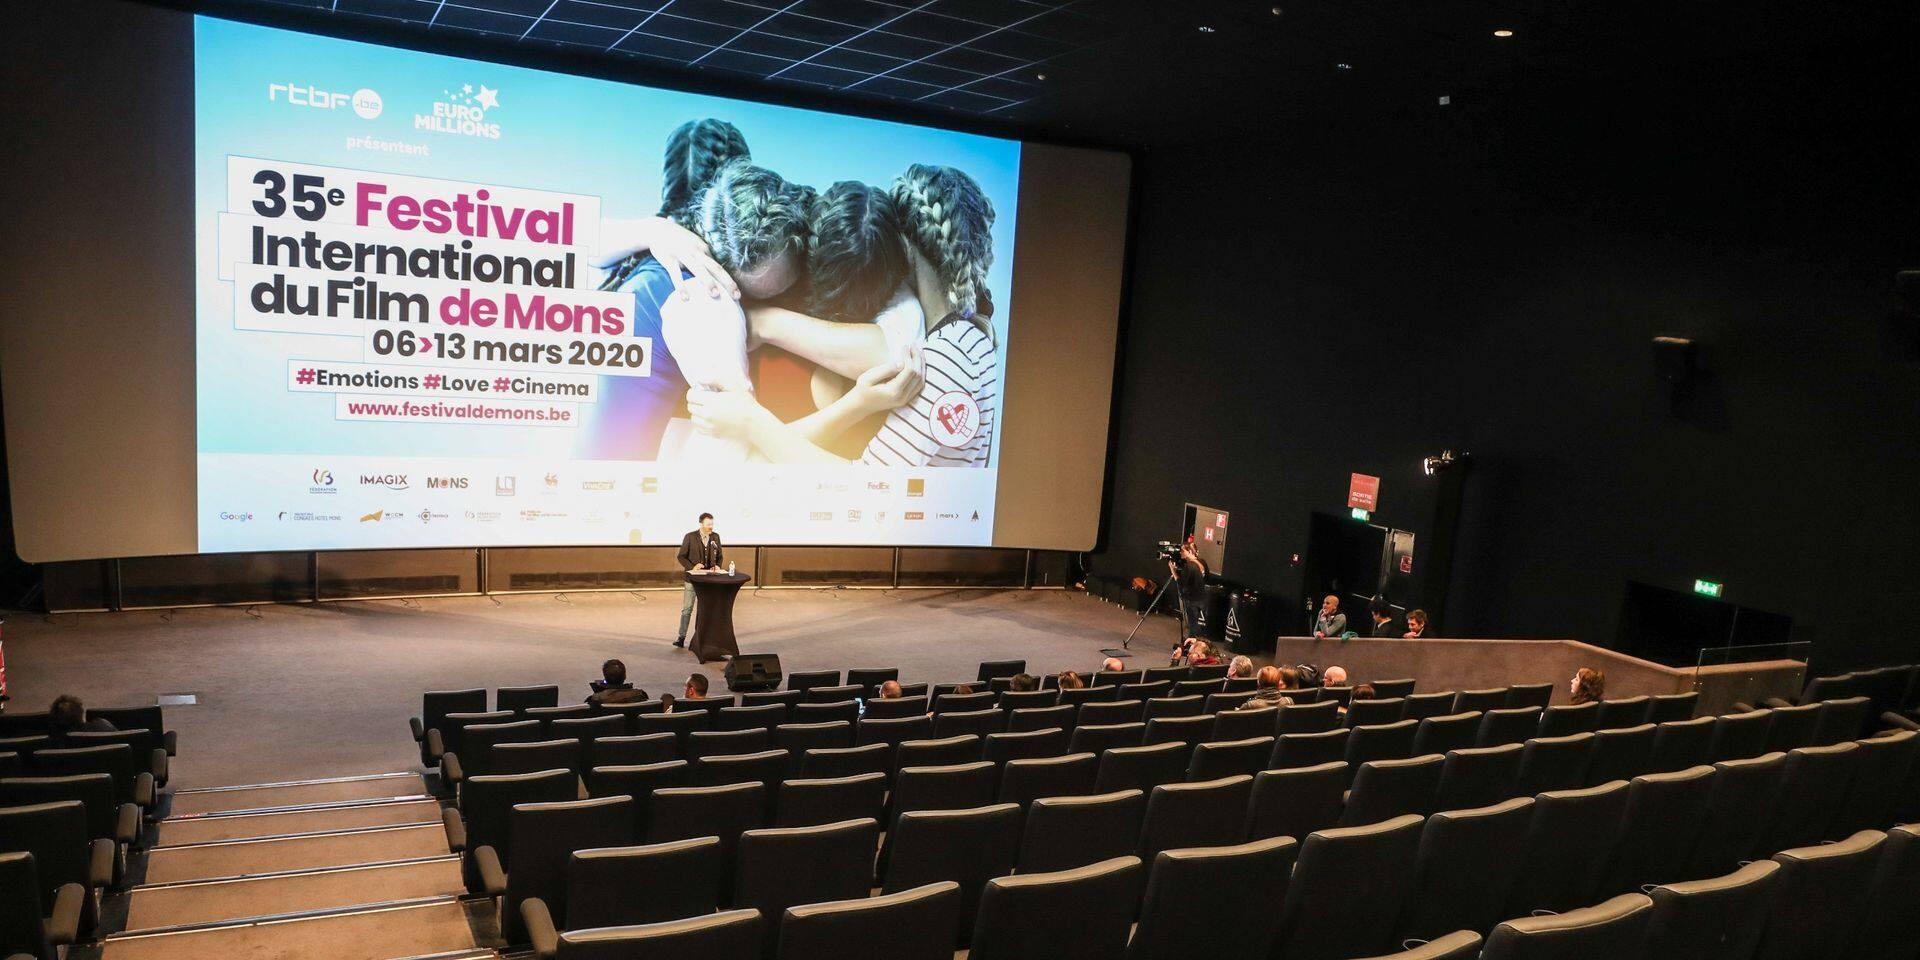 Le Festival international du Film de Mons revient en juillet